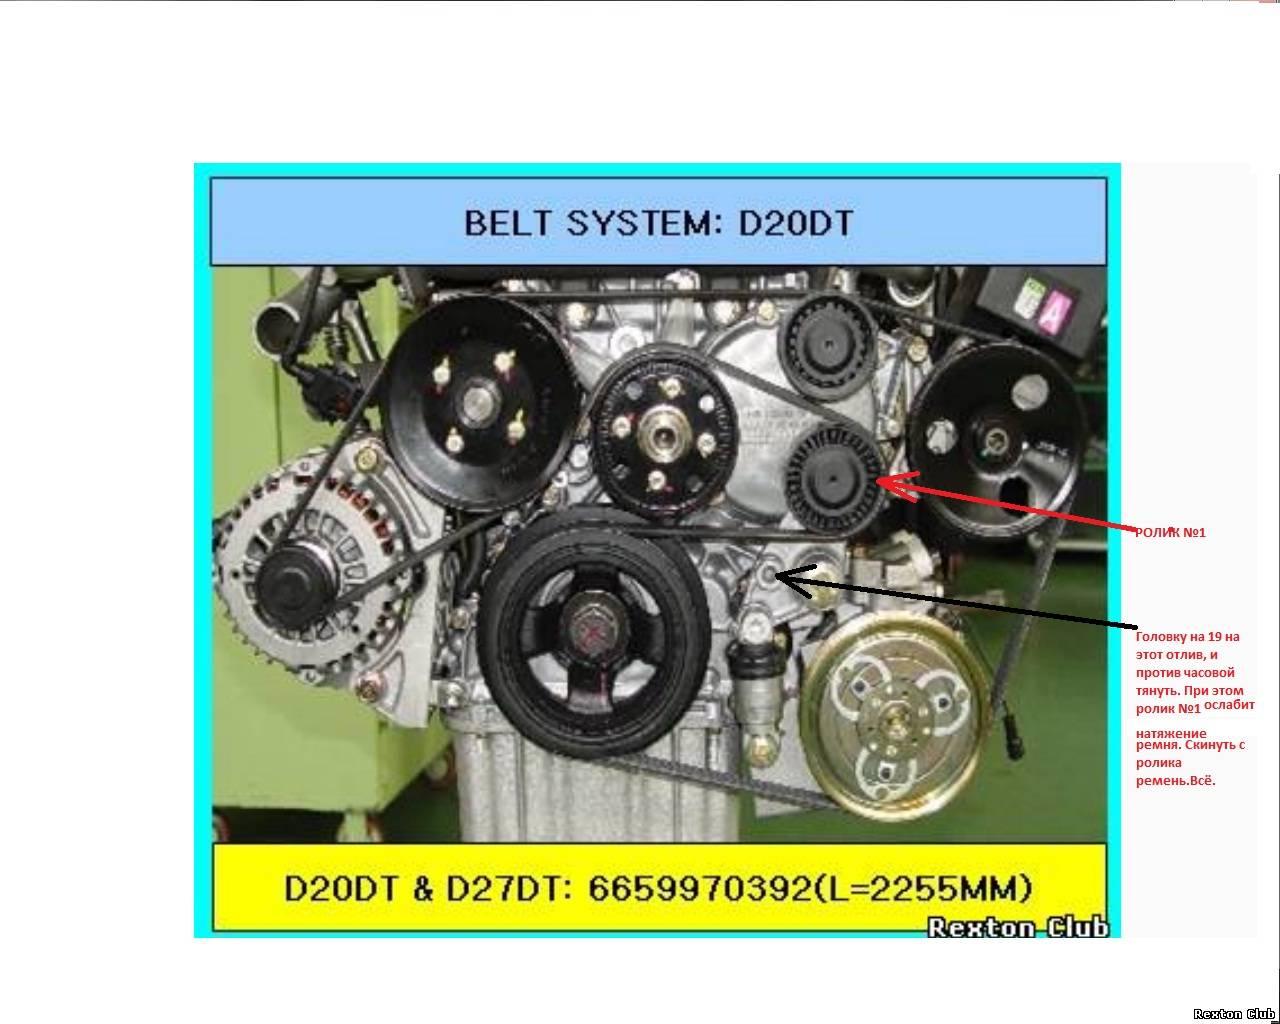 Замена натяжителя с роликом двигателя d20dt саньенг актион нэо своими силами